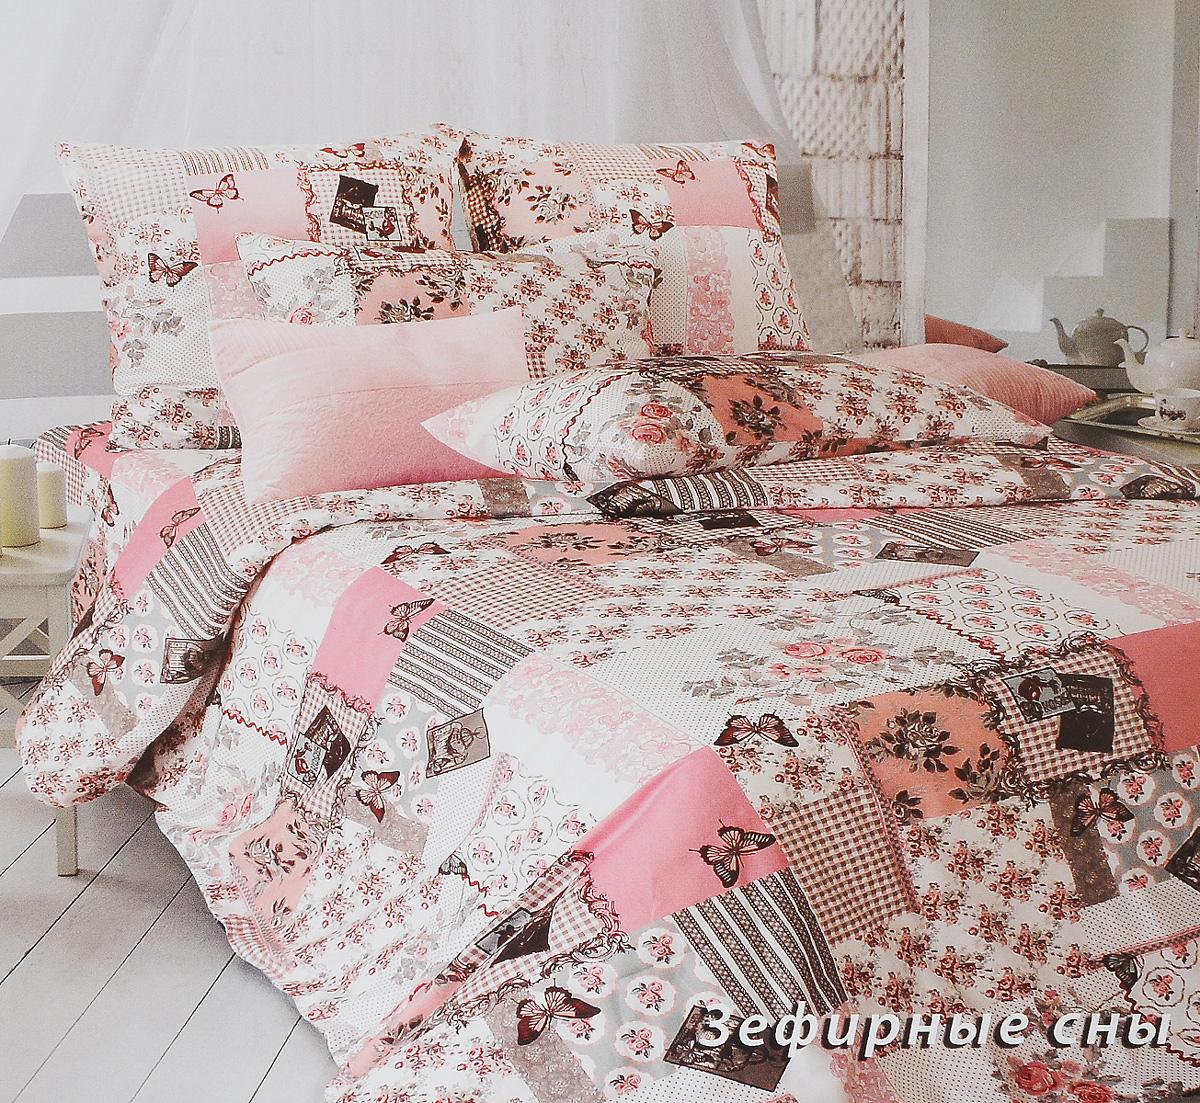 Комплект белья Tiffanys Secret Зефирные сны, 1,5-спальный, наволочки 70х70, цвет: розовый, белый, темно-коричневый2040115961Комплект постельного белья Tiffanys Secret Зефирные сны является экологически безопасным для всей семьи, так как выполнен из сатина (100% хлопок). Комплект состоит из пододеяльника, простыни и двух наволочек. Предметы комплекта оформлены оригинальным рисунком.Благодаря такому комплекту постельного белья вы сможете создать атмосферу уюта и комфорта в вашей спальне.Сатин - это ткань, навсегда покорившая сердца человечества. Ценившие роскошь персы называли ее атлас, а искушенные в прекрасном французы - сатин. Секрет высококачественного сатина в безупречности всего технологического процесса. Эту благородную ткань делают только из отборной натуральной пряжи, которую получают из самого лучшего тонковолокнистого хлопка. Благодаря использованию самой тонкой хлопковой нити получается необычайно мягкое и нежное полотно. Сатиновое постельное белье превращает жаркие летние ночи в прохладные и освежающие, а холодные зимние - в теплые и согревающие. Сатин очень приятен на ощупь, постельное белье из него долговечно, выдерживает более 300 стирок, и лишь спустя долгое время материал начинает немного тускнеть. Оцените все достоинства постельного белья из сатина, выбирая самое лучшее для себя!